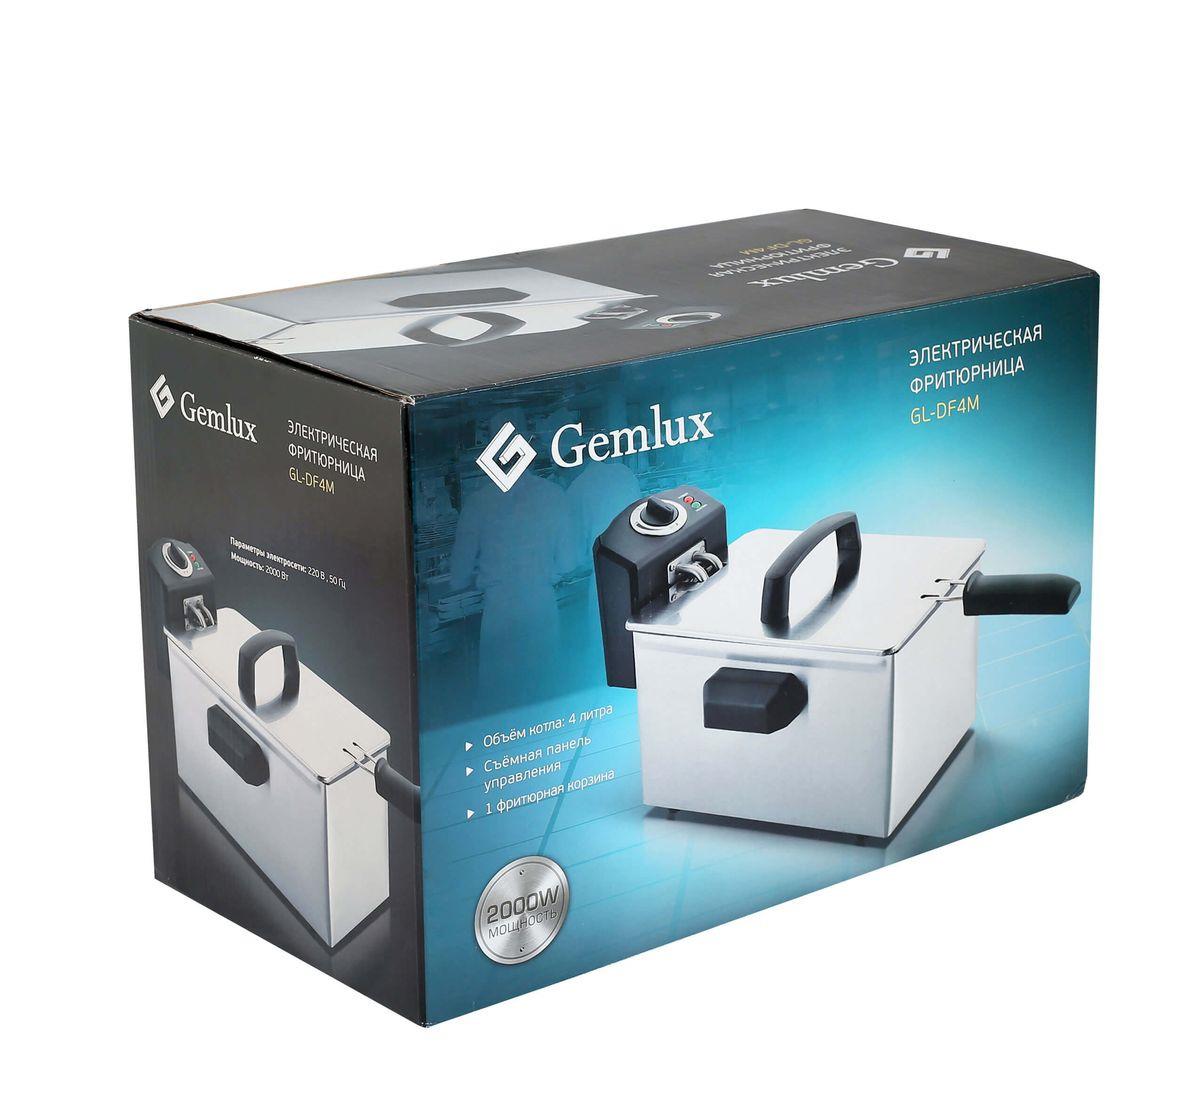 Фритюрница Gemlux GL-DF4M1, серебристый, черный Gemlux